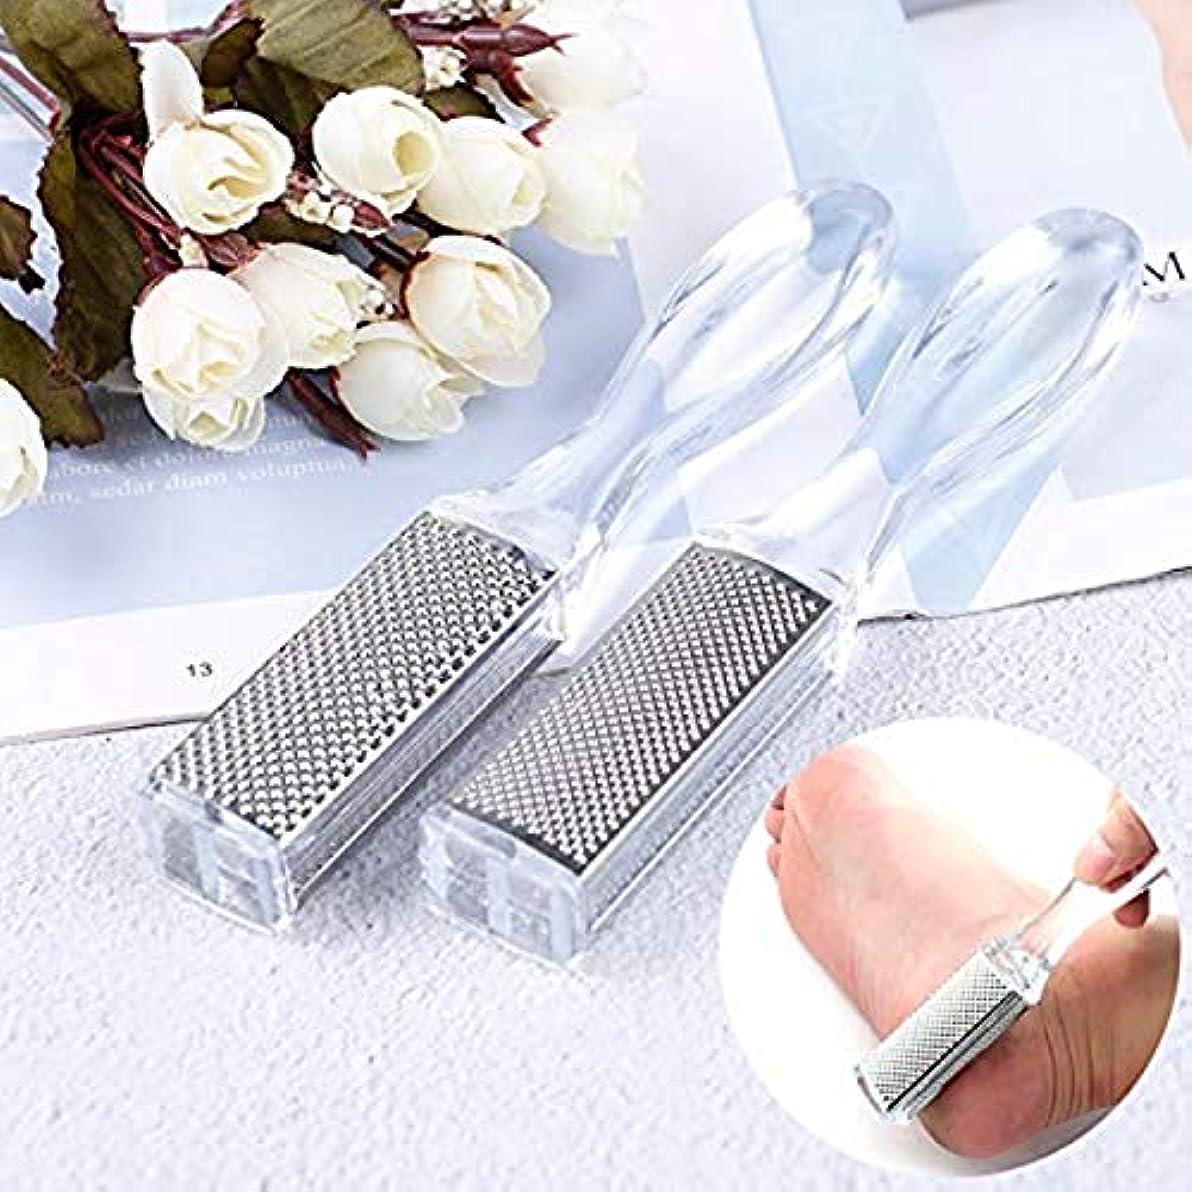 鉛筆お互い宿命ステンレスシャベルナイフ洗浄グラインダーカルス角質除去ペディキュアツール角質除去フットケア(2箱)